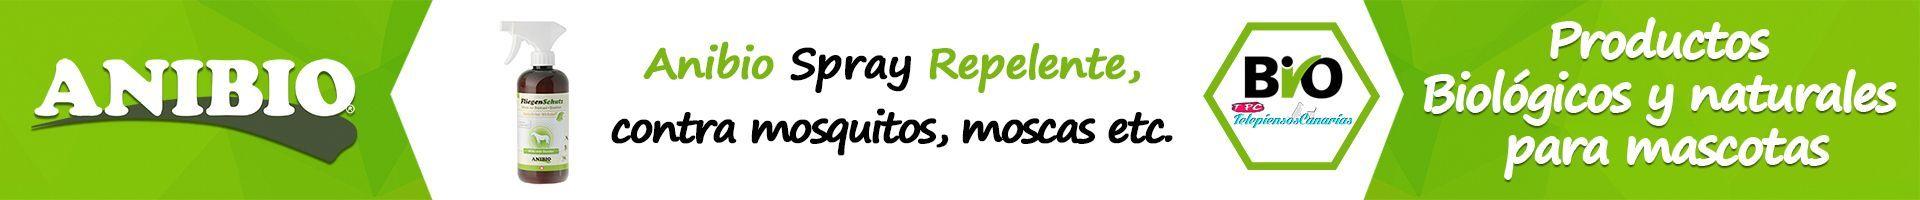 Anibio spray repelente de moscas e insectos para perros y gatos